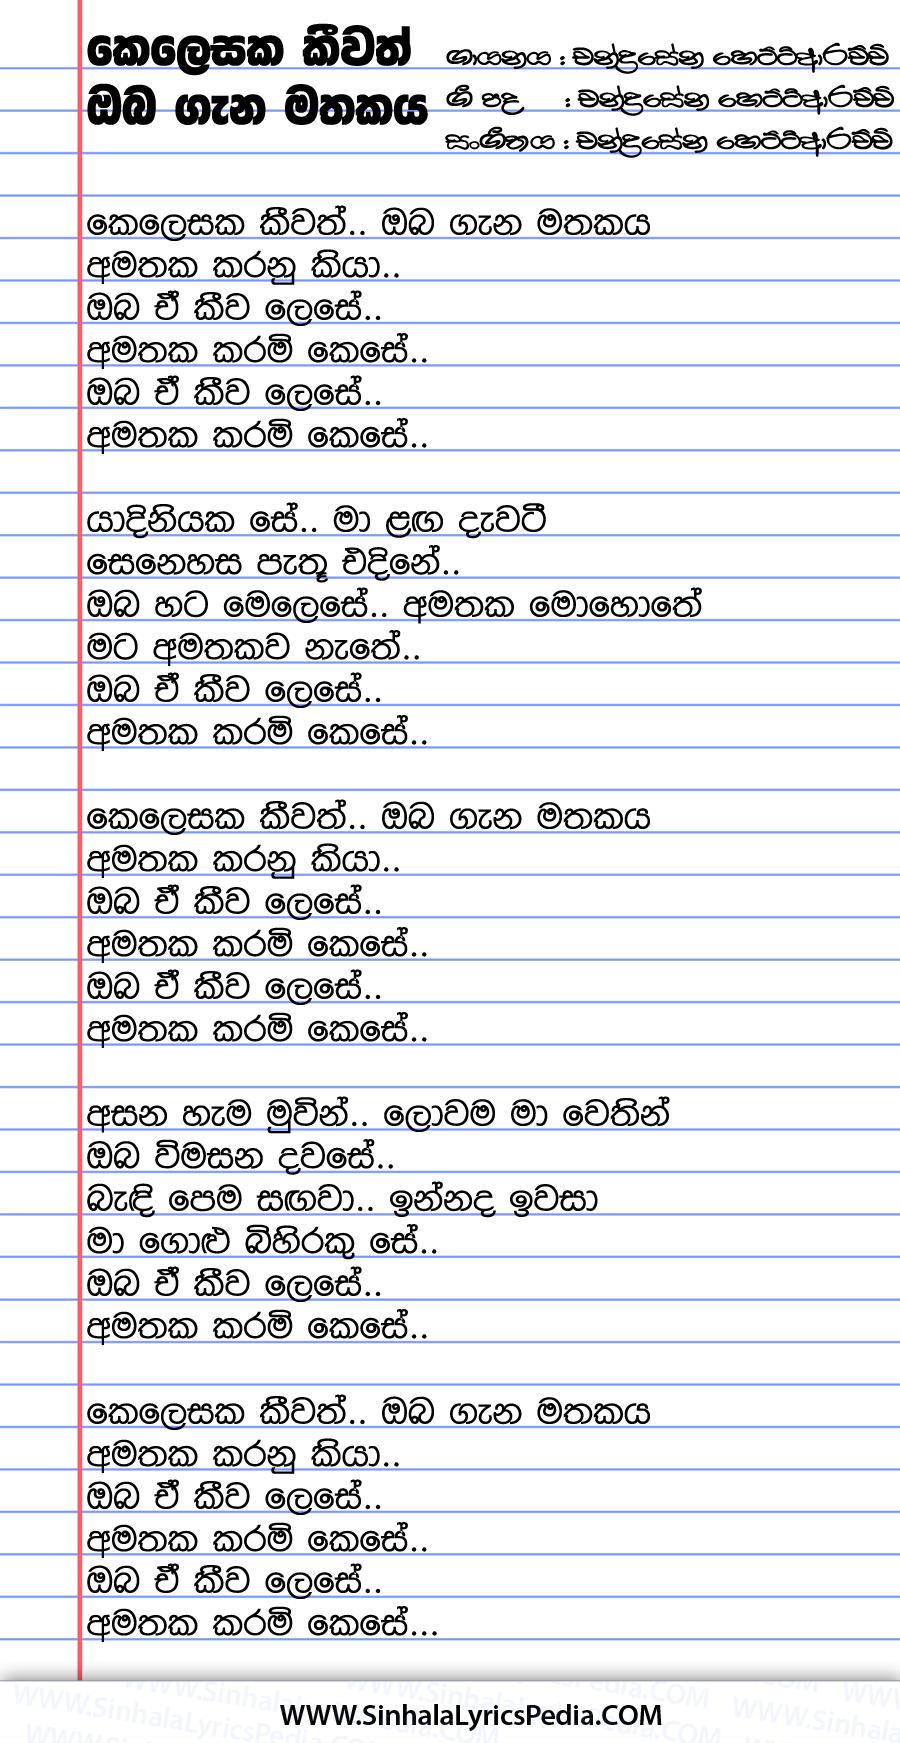 Kelesaka Keewath Oba Gana Mathakaya Song Lyrics